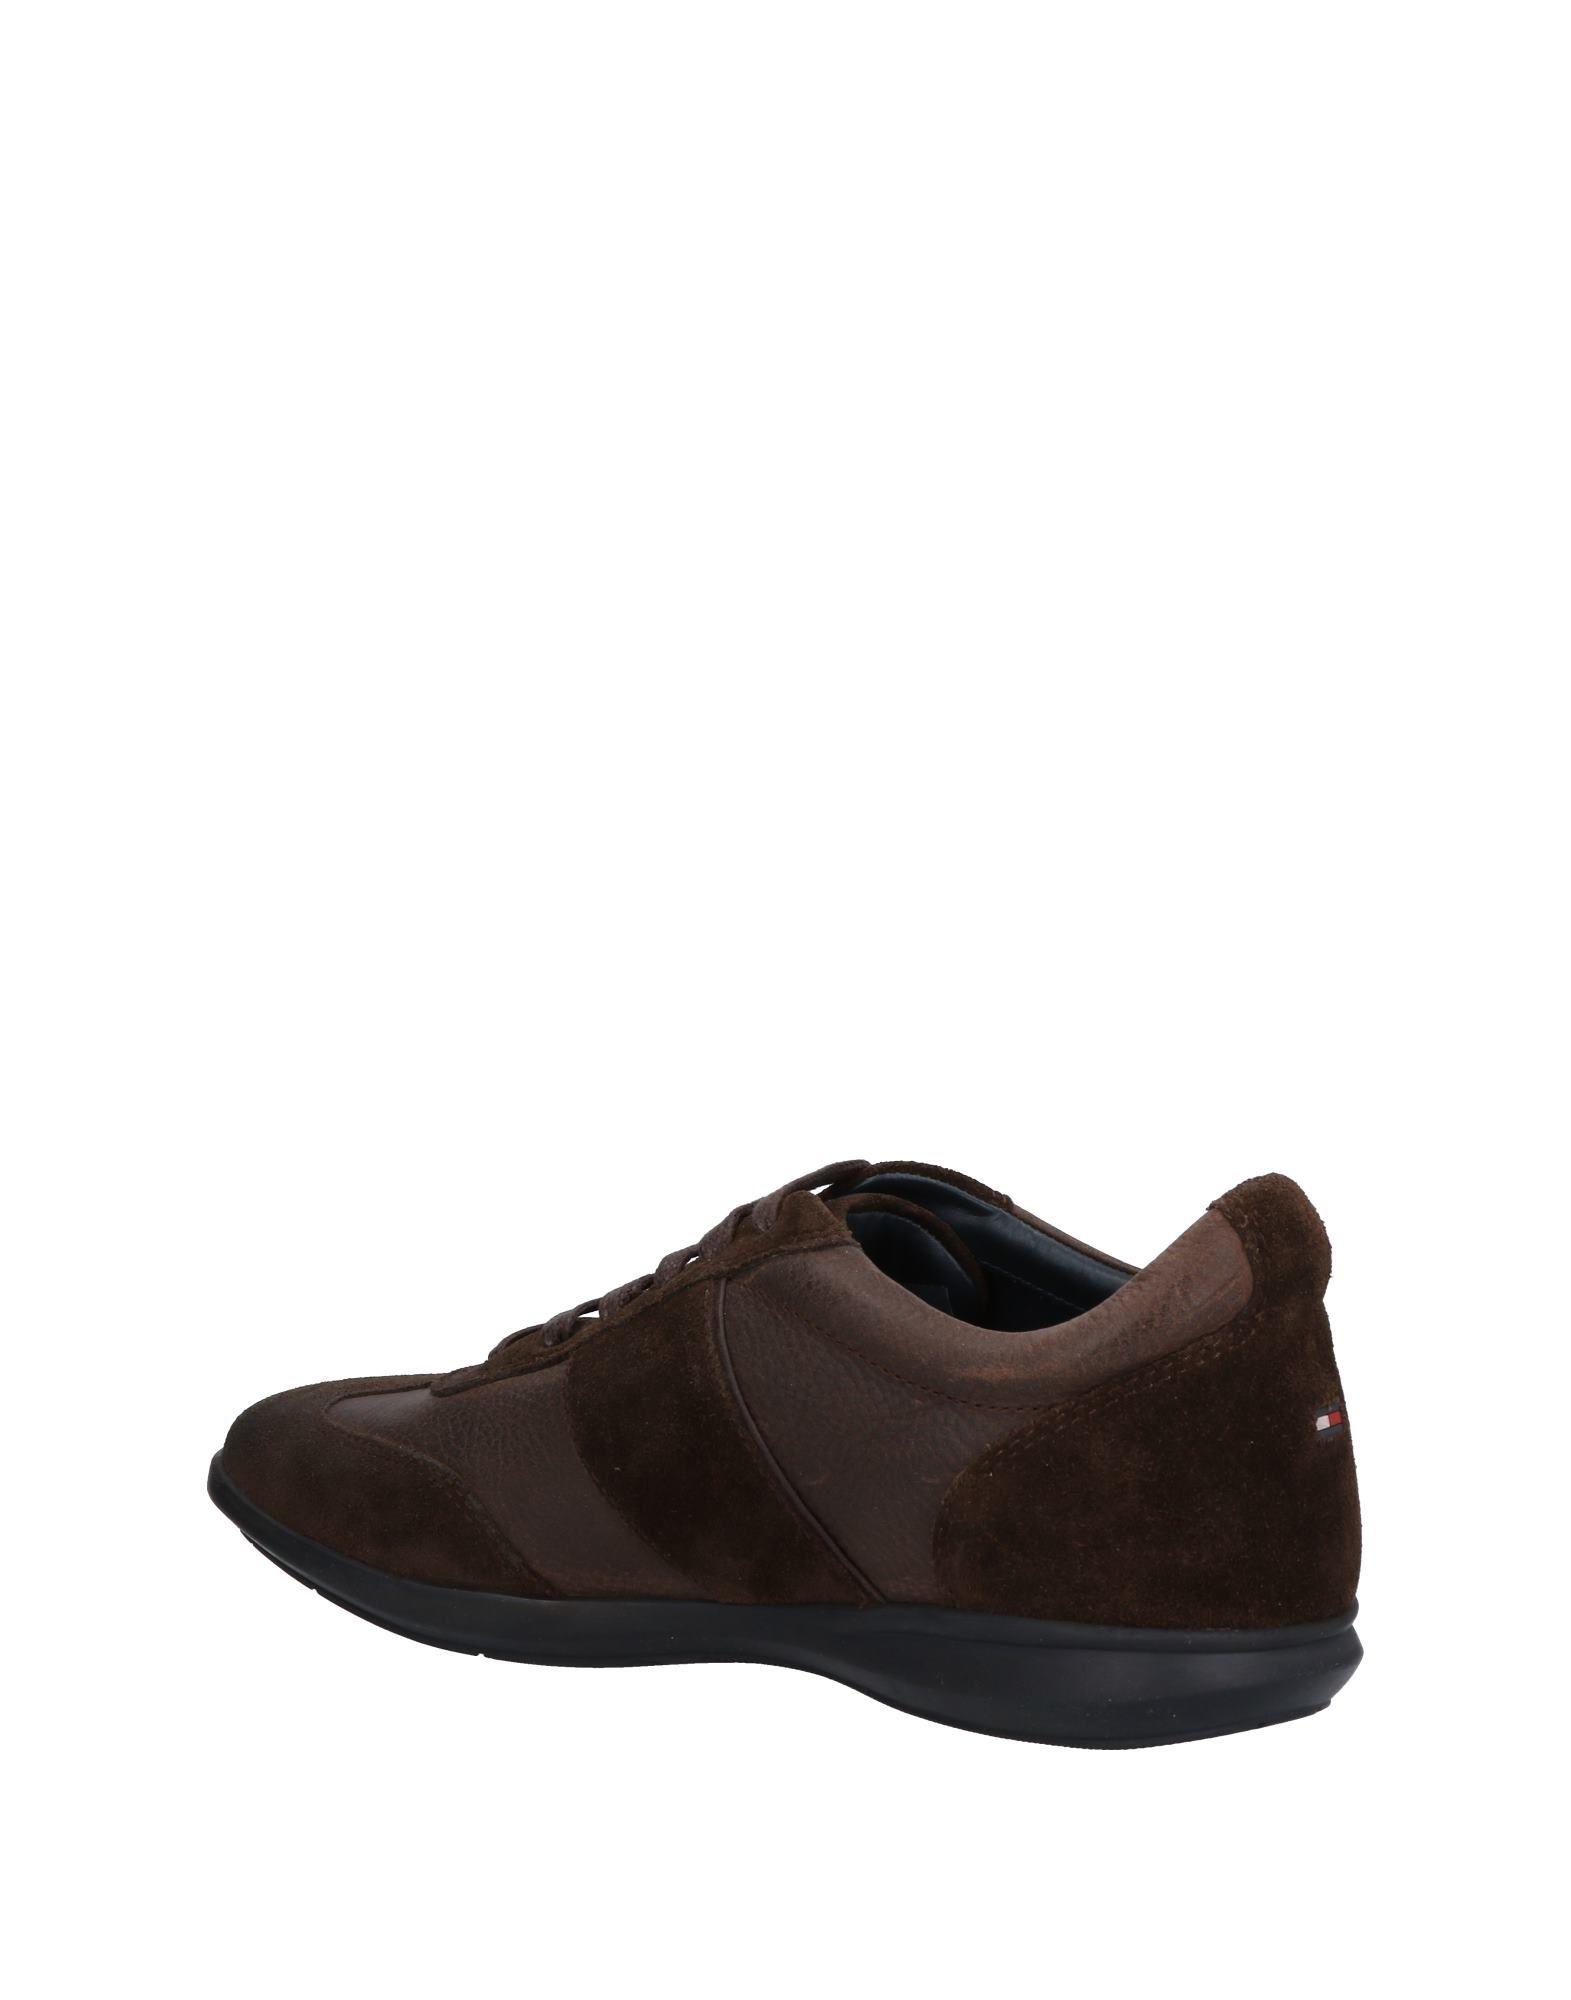 Rabatt echte Schuhe Hilfiger Tommy Hilfiger Schuhe Sneakers Herren  11393548PG 18414a